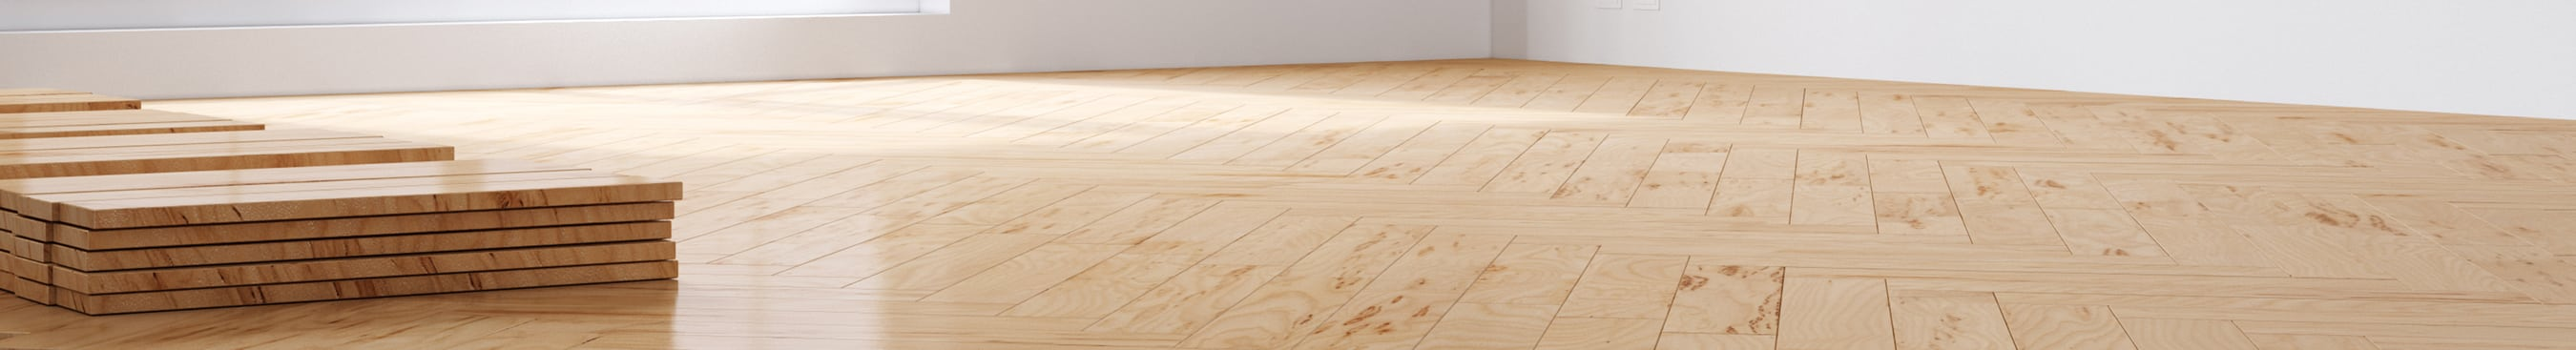 poplar-hardwood-floor